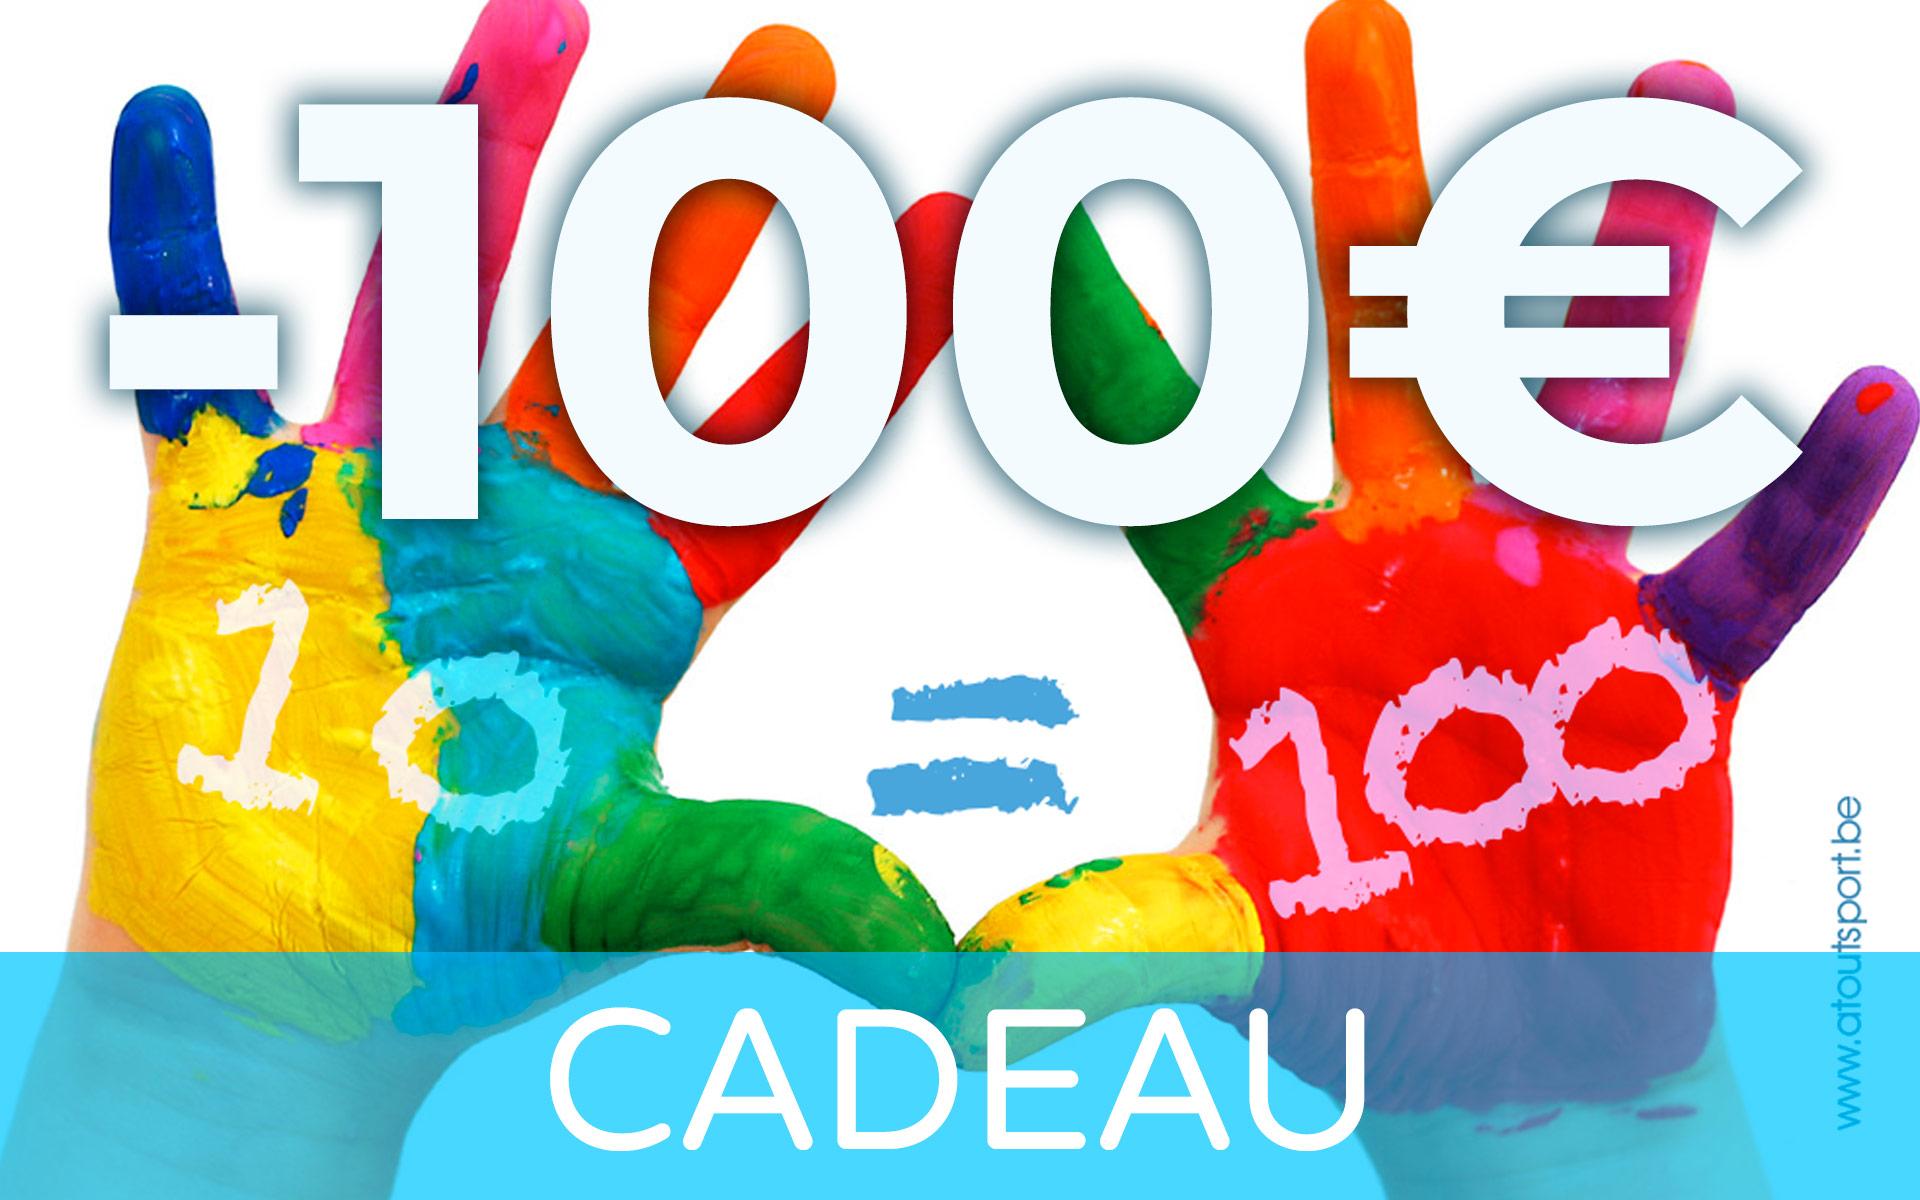 atoutsport.be Cadeau 100Euros